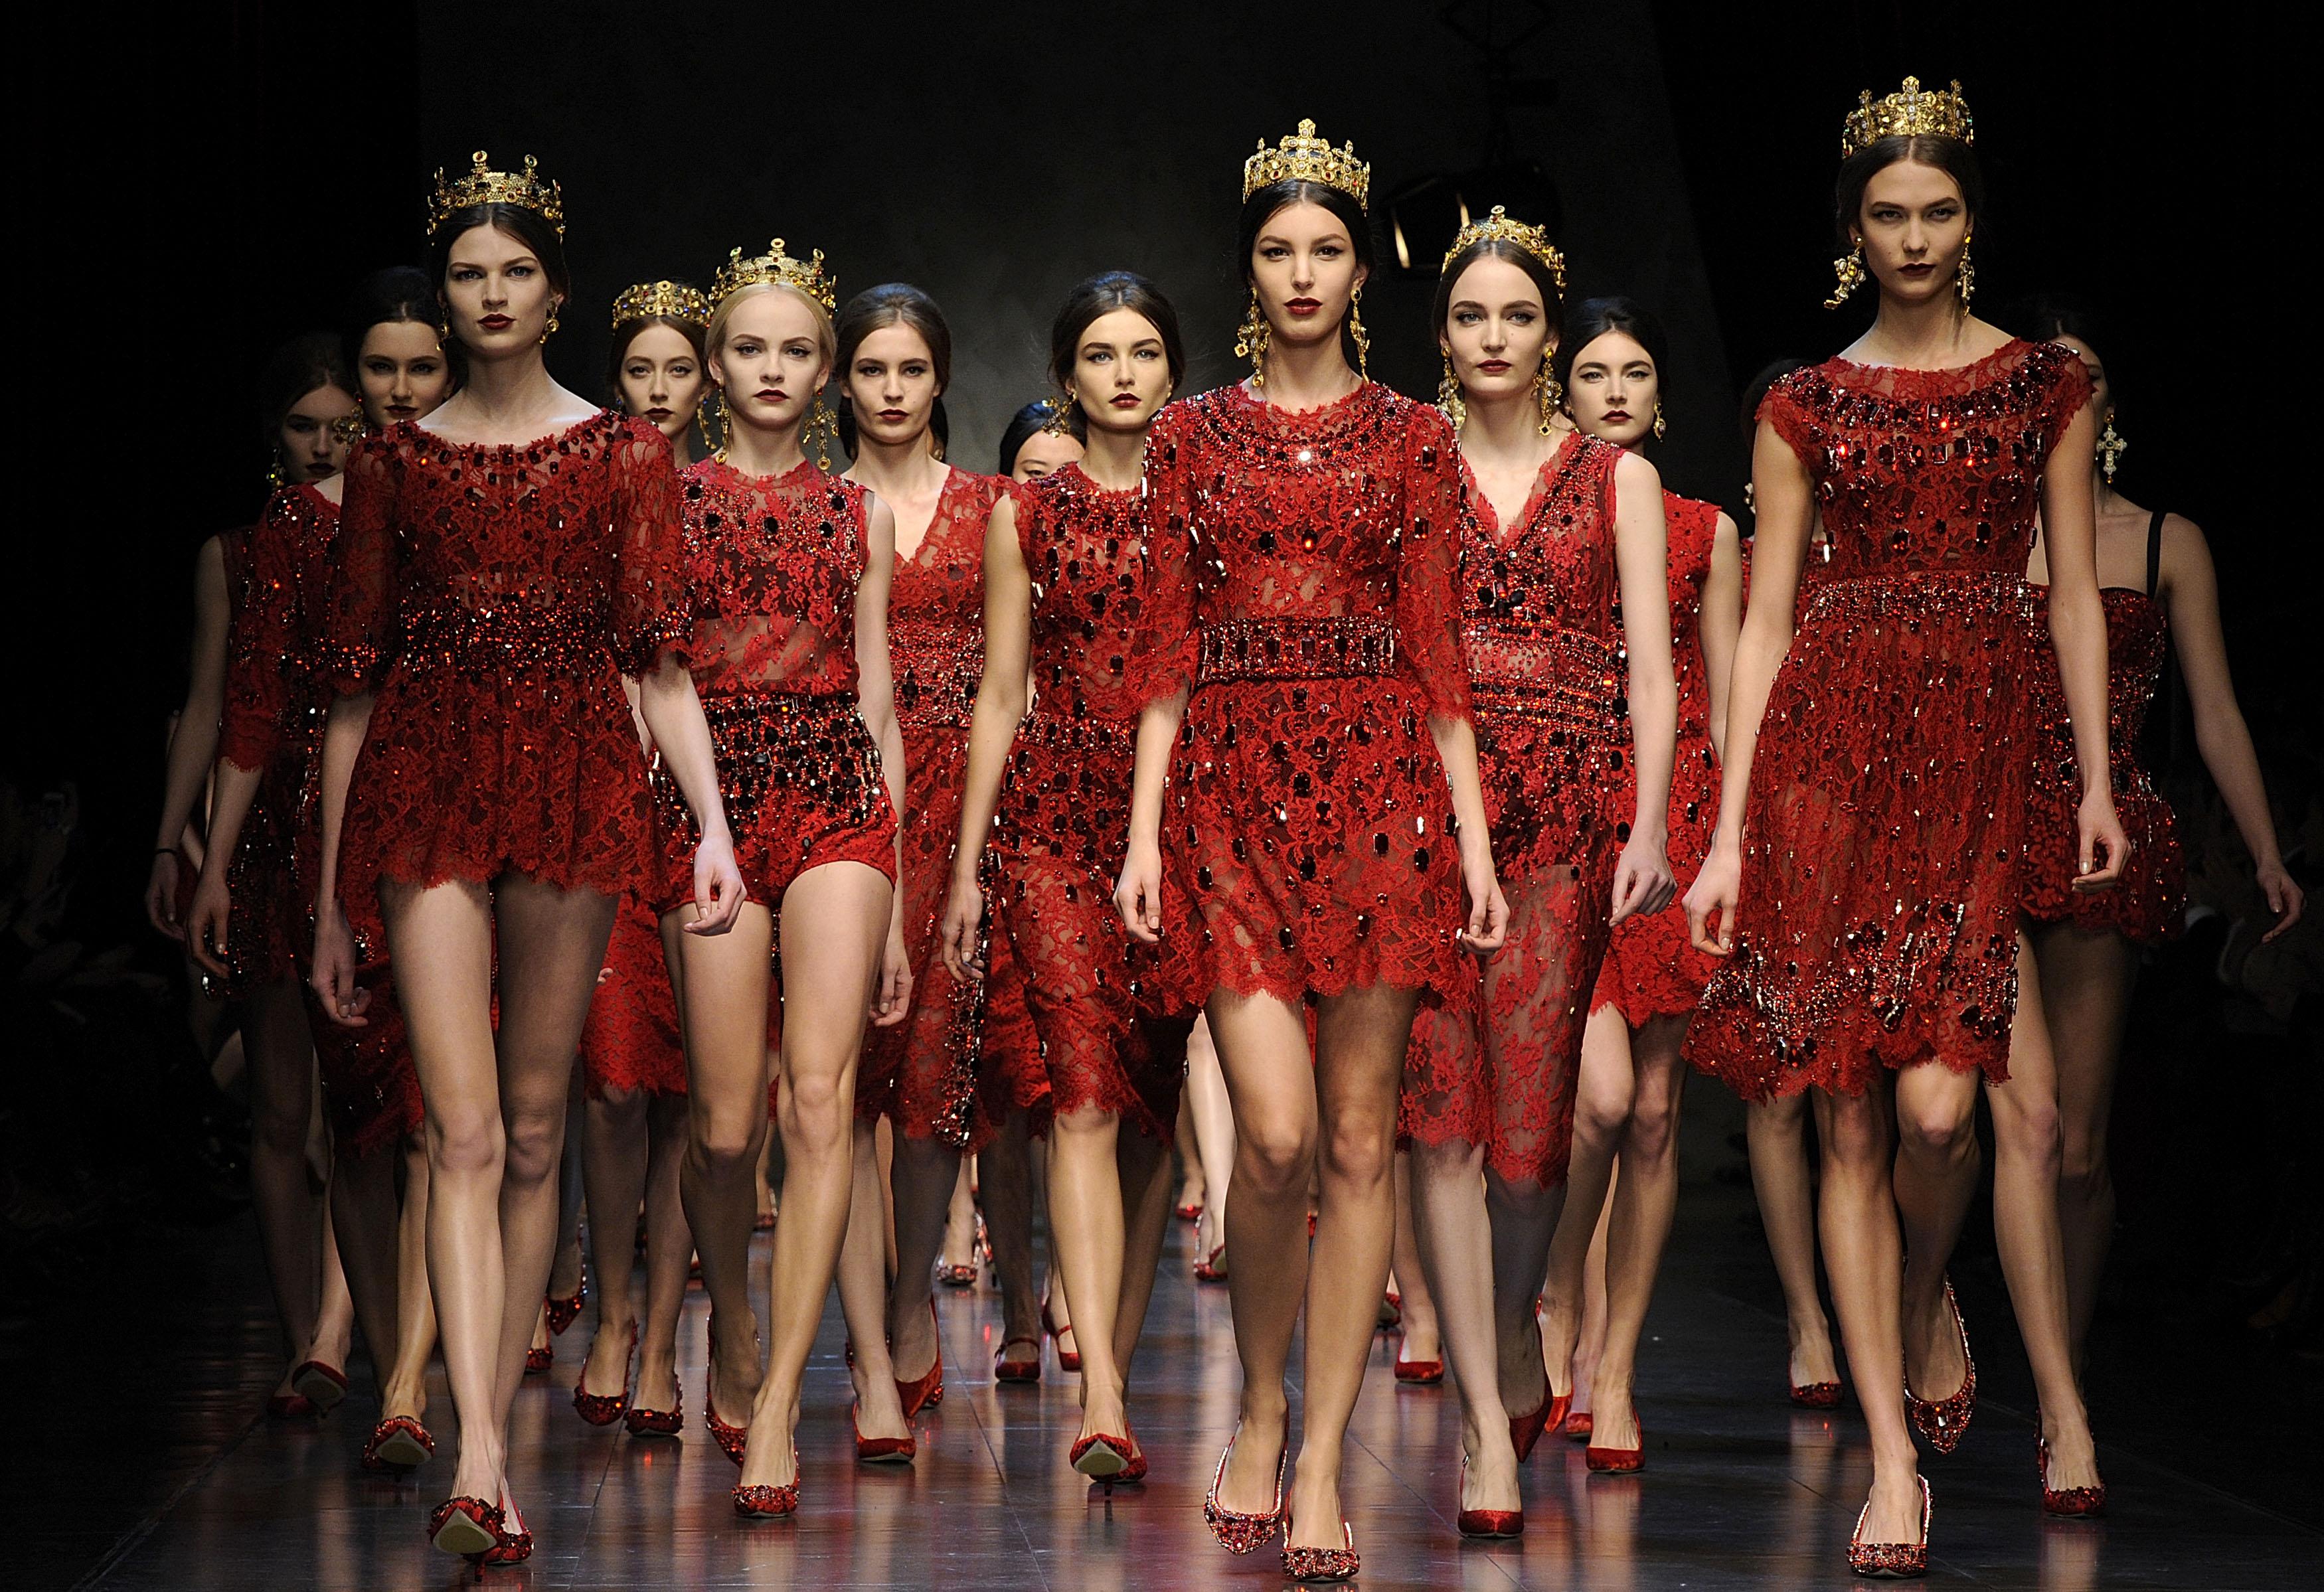 Мода весна 2018 - основные тенденции одежды, фото